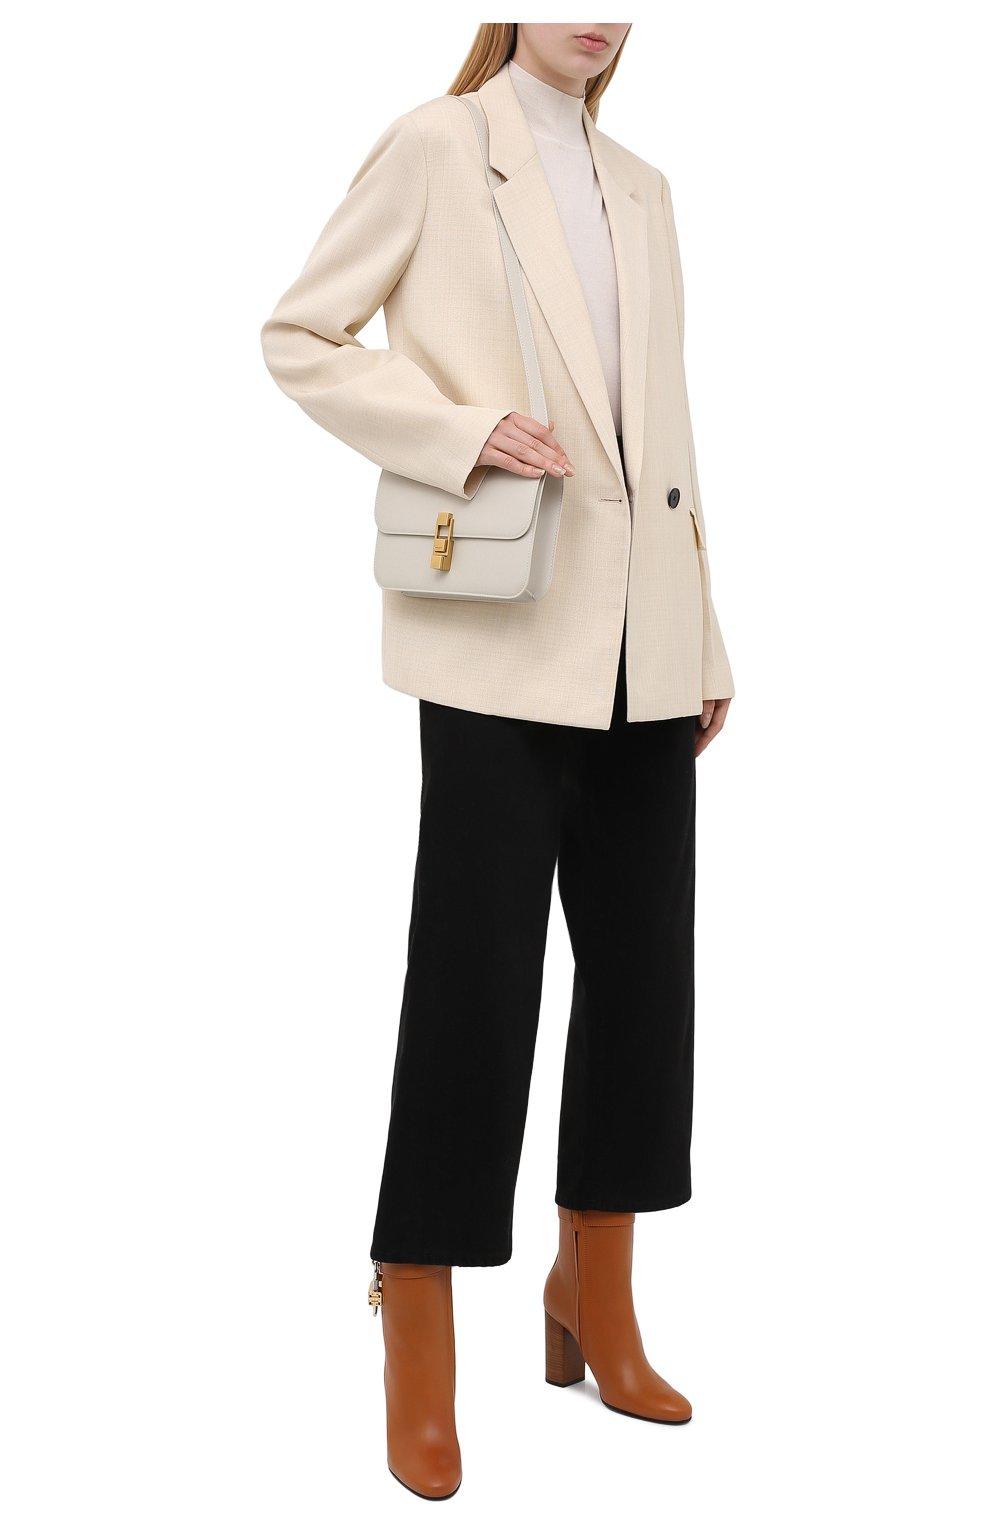 Женские кожаные ботильоны lock GIVENCHY светло-коричневого цвета, арт. BE602QE0YT   Фото 2 (Каблук высота: Высокий; Материал внутренний: Натуральная кожа; Каблук тип: Устойчивый; Подошва: Плоская)